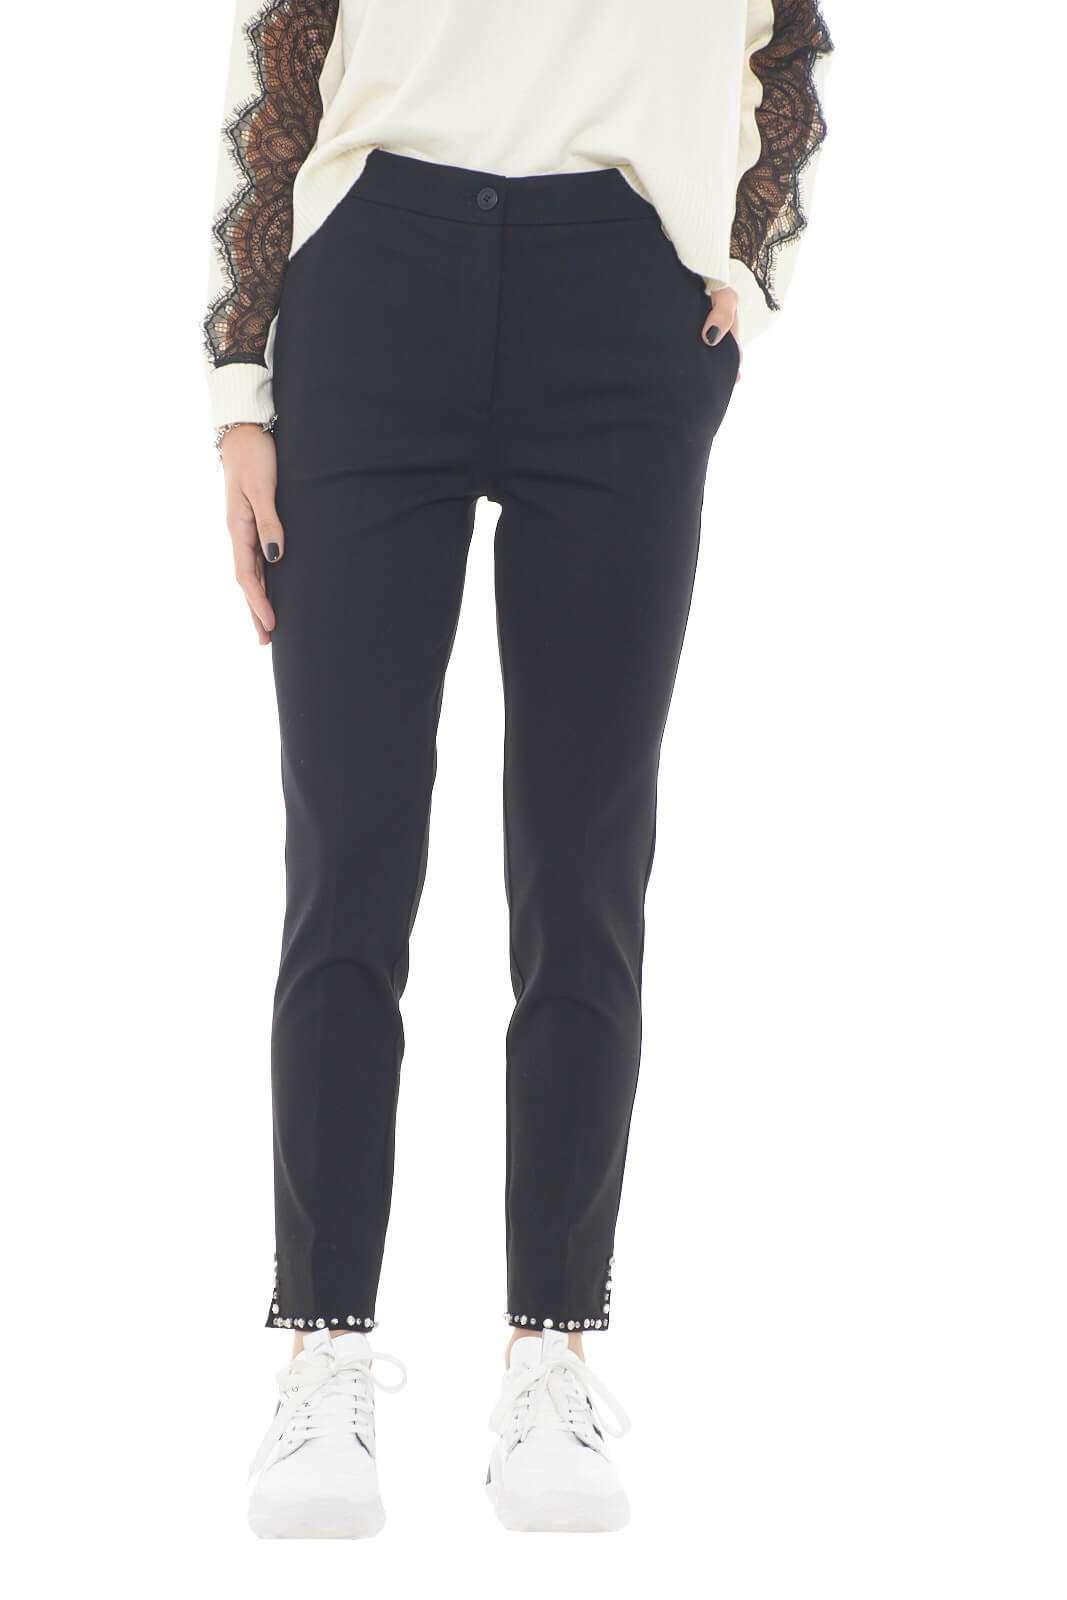 Dal tessuto confortevole, il nuovo pantalone Twinset Milano firmato per la collezione autunno inverno donna reinventa ogni stile. Il fondo con spacchetti e rifinitura in strass lo caratterizza per indossarlo sia in occasioni formali che non. Un capo passe partout per le fashioniste.